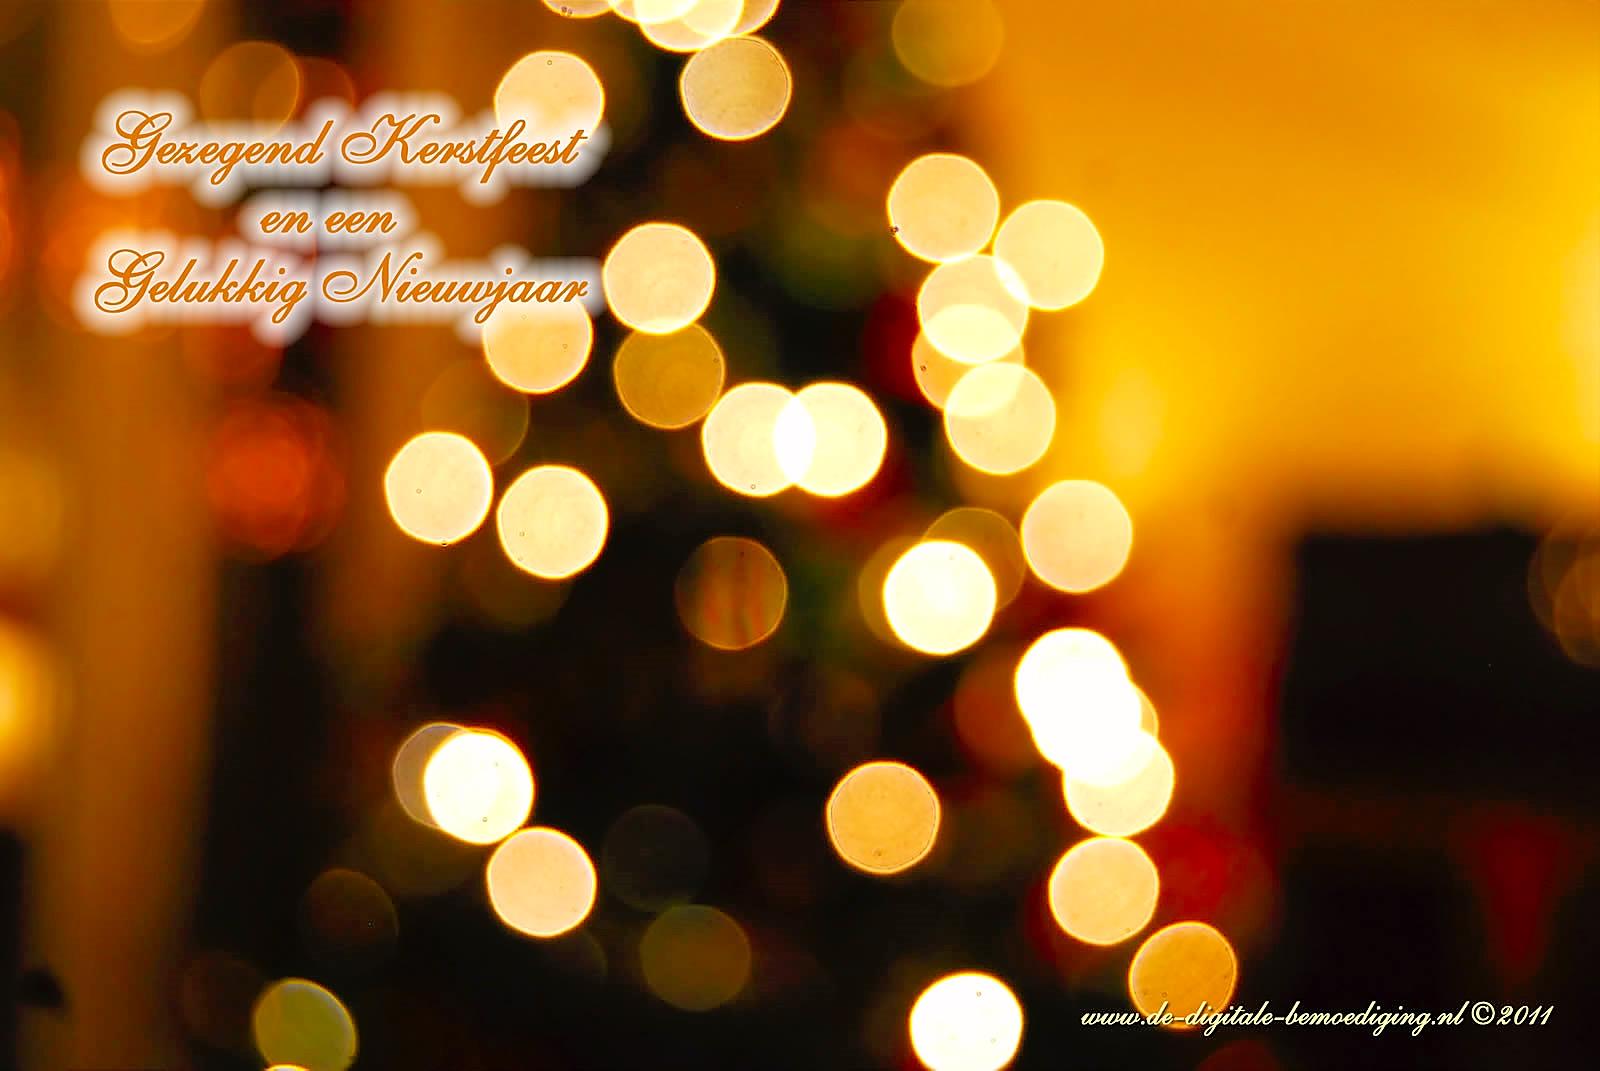 Gezegende Kerstdagen en een Gelukkig Nieuwjaar